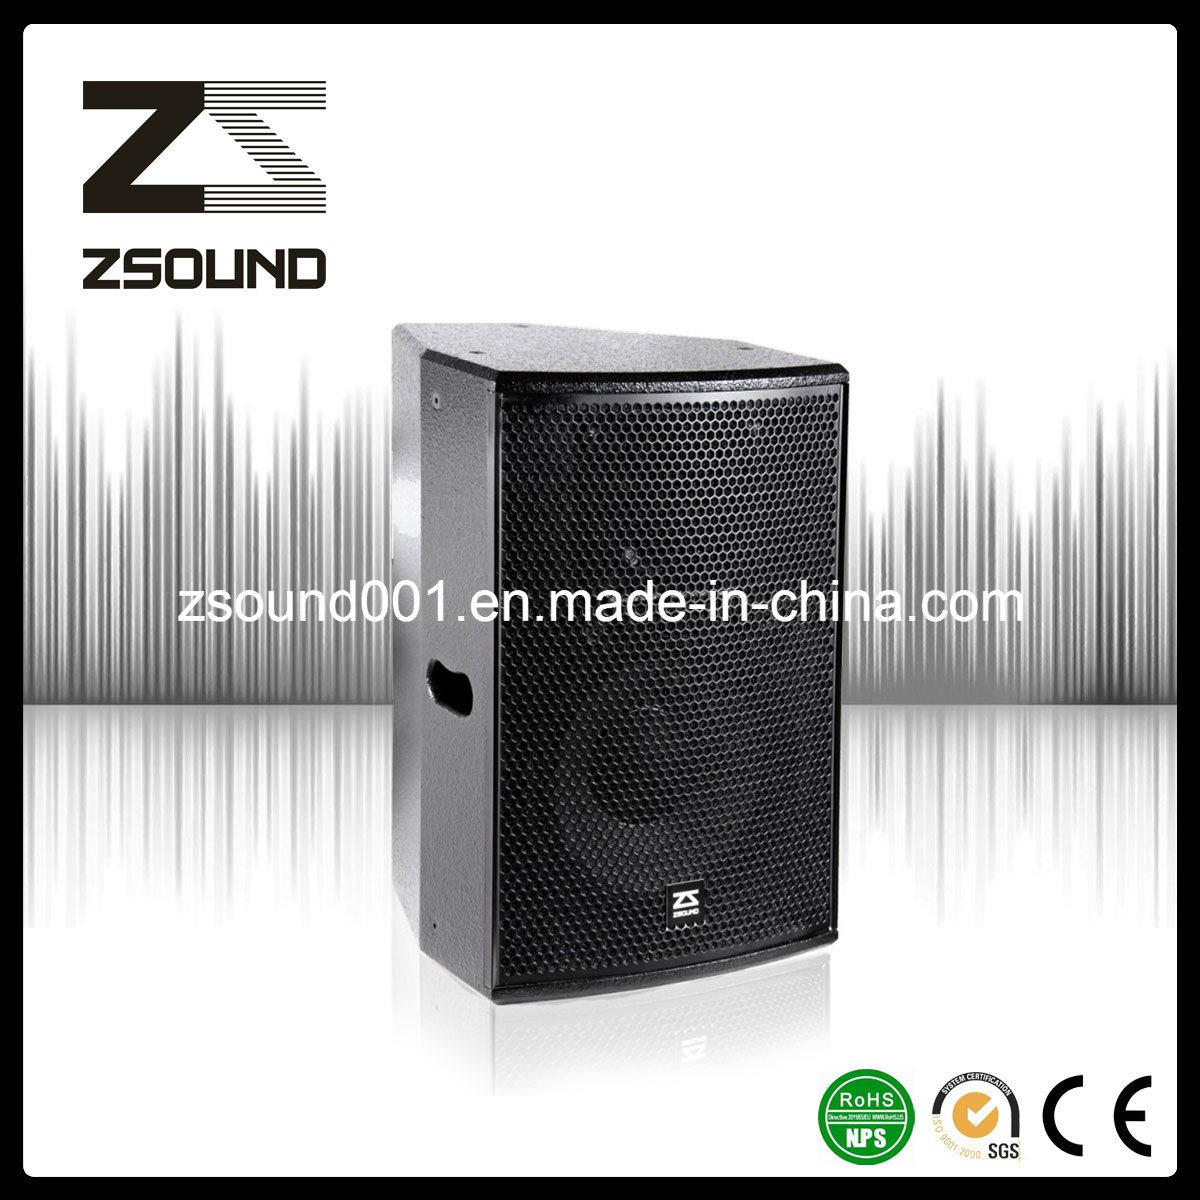 PRO Audio Loudspeaker Audio Speaker Box